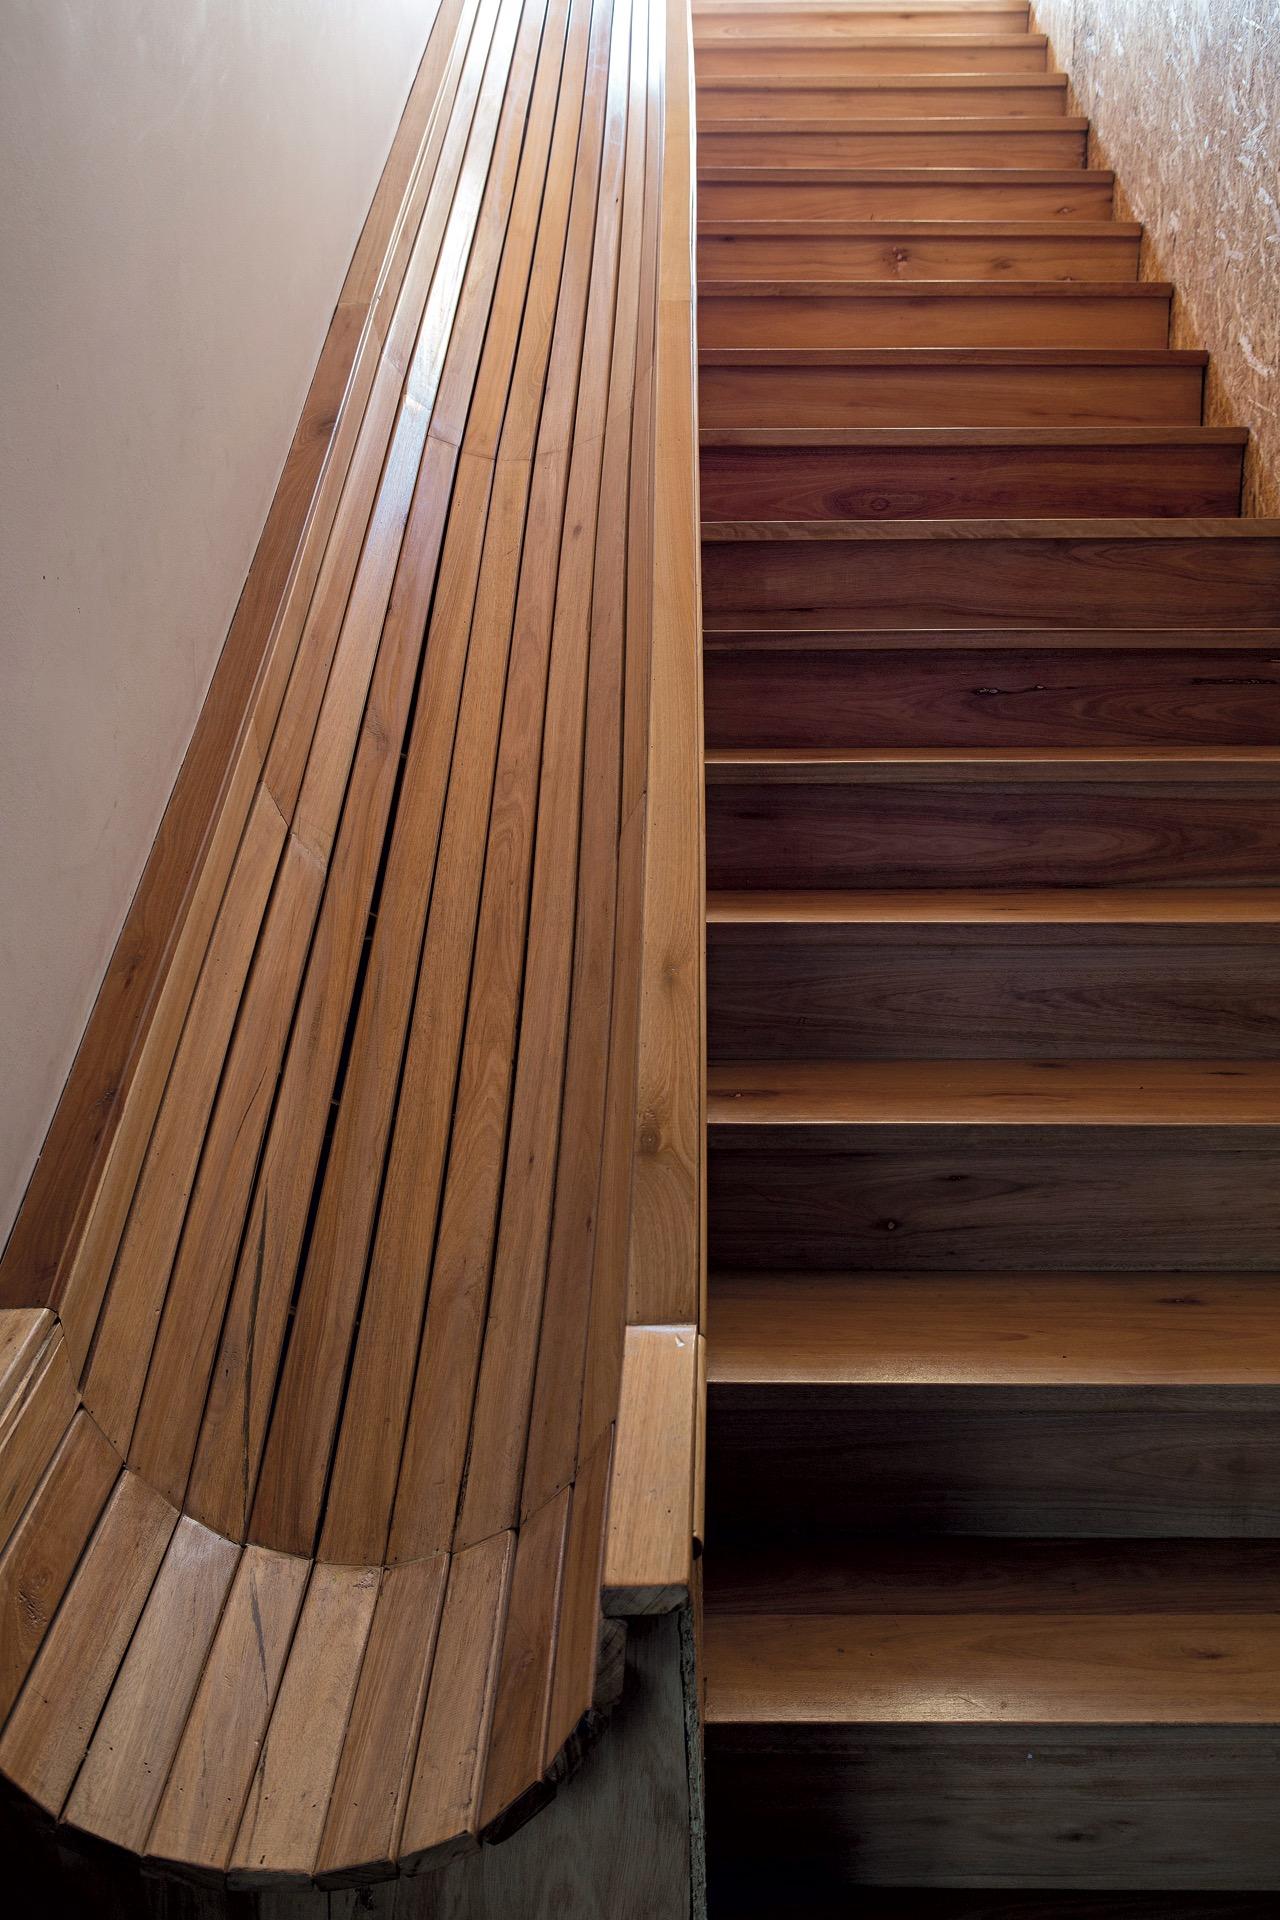 Al lado de la escalera, un tobogán de madera. Diversión para grandes y chicos.